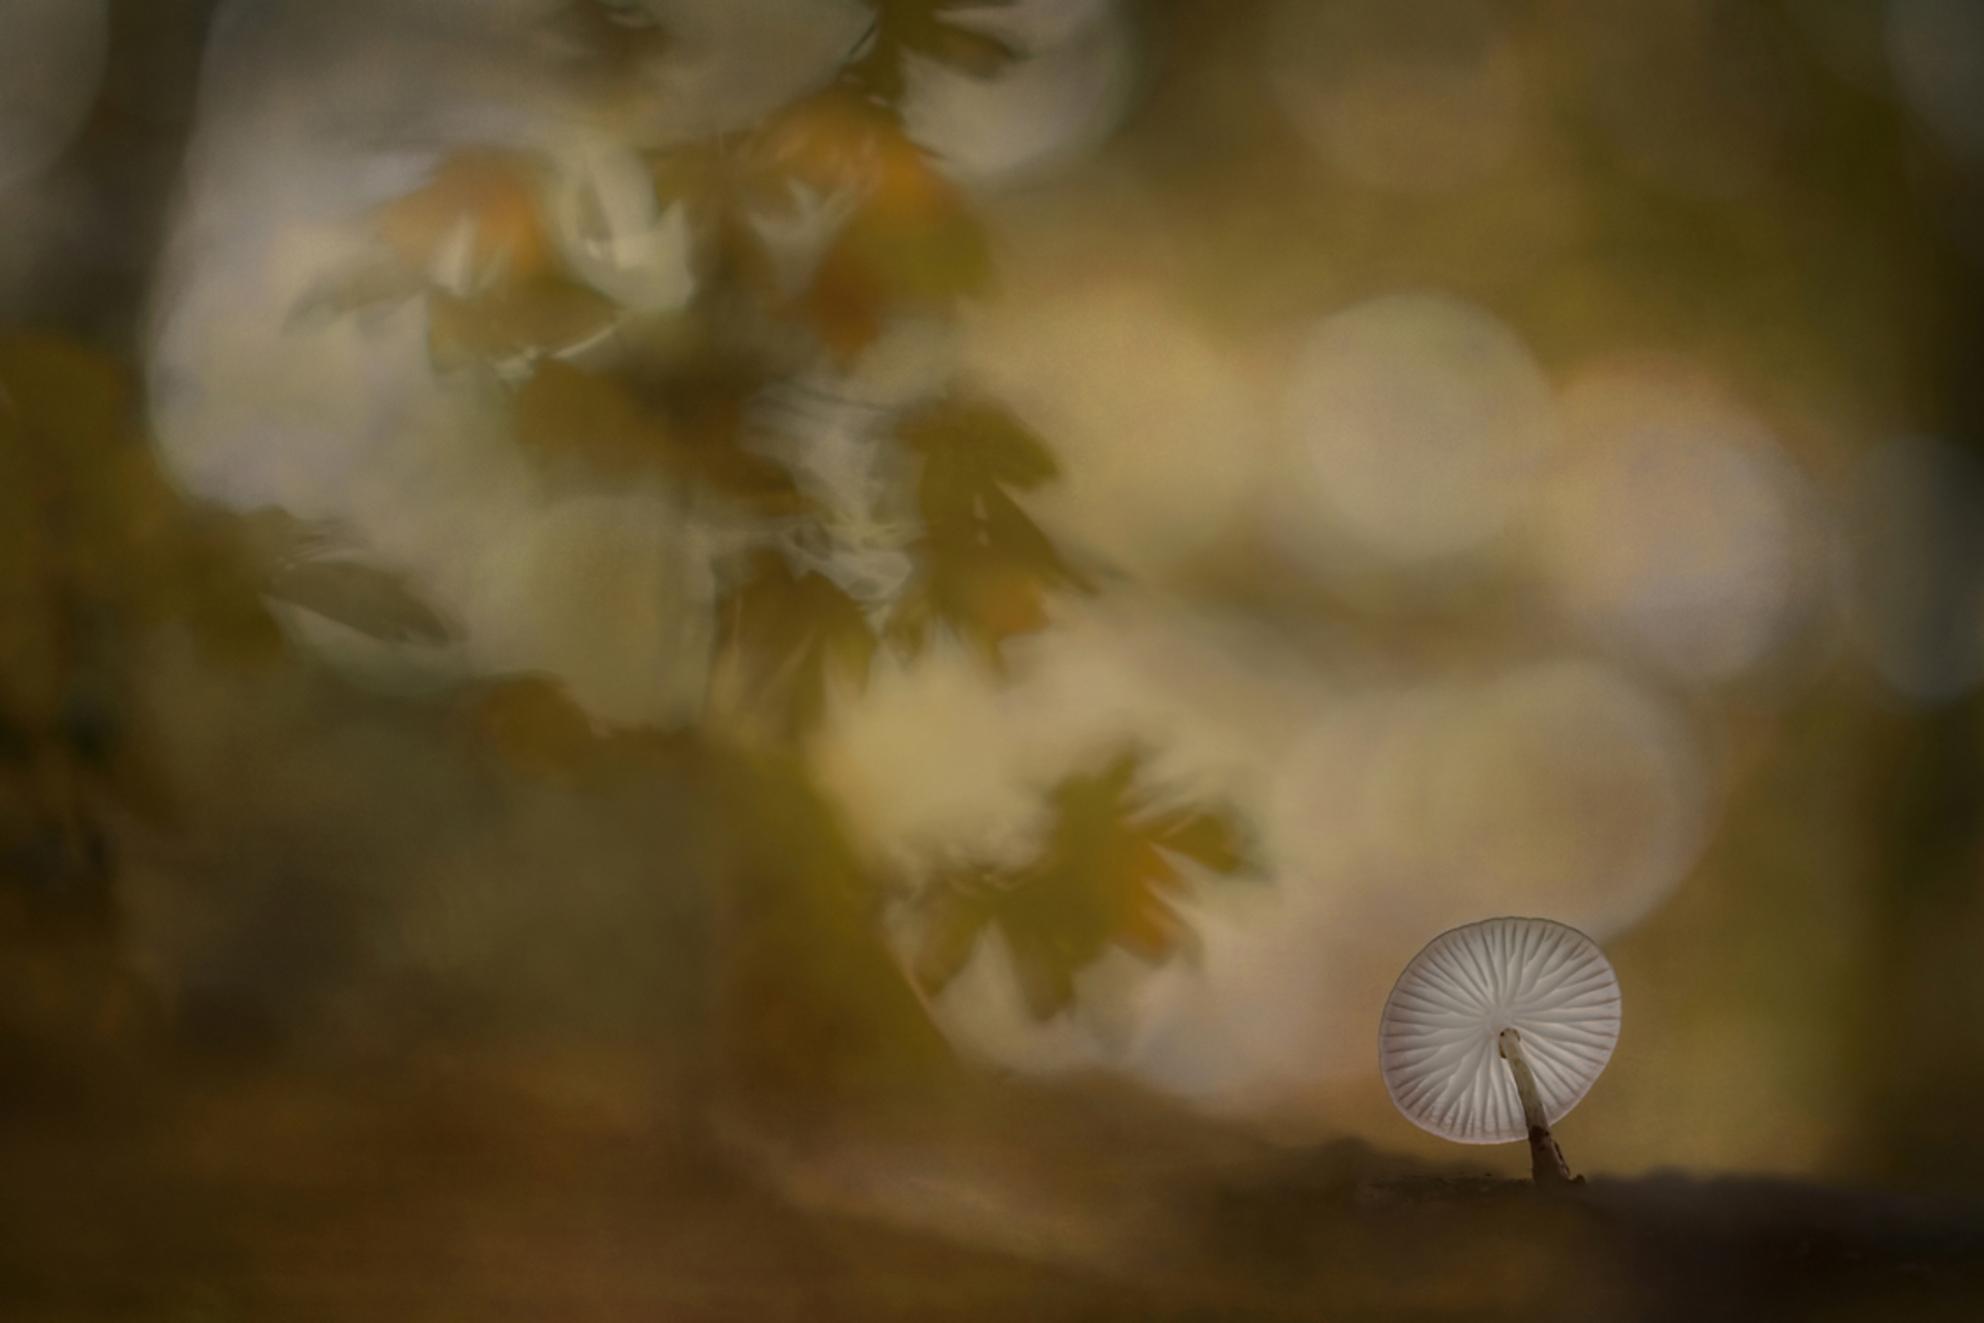 Porseleinzwam - Aan de waterkant lag een tak met een porseleinzwam, één van mijn favoriete paddenstoeltjes. Prachtig om te spelen met licht en de omliggende vegetati - foto door NelTalen op 23-09-2017 - deze foto bevat: paddestoel, herfst, porseleinzwam, dof, bokeh - Deze foto mag gebruikt worden in een Zoom.nl publicatie